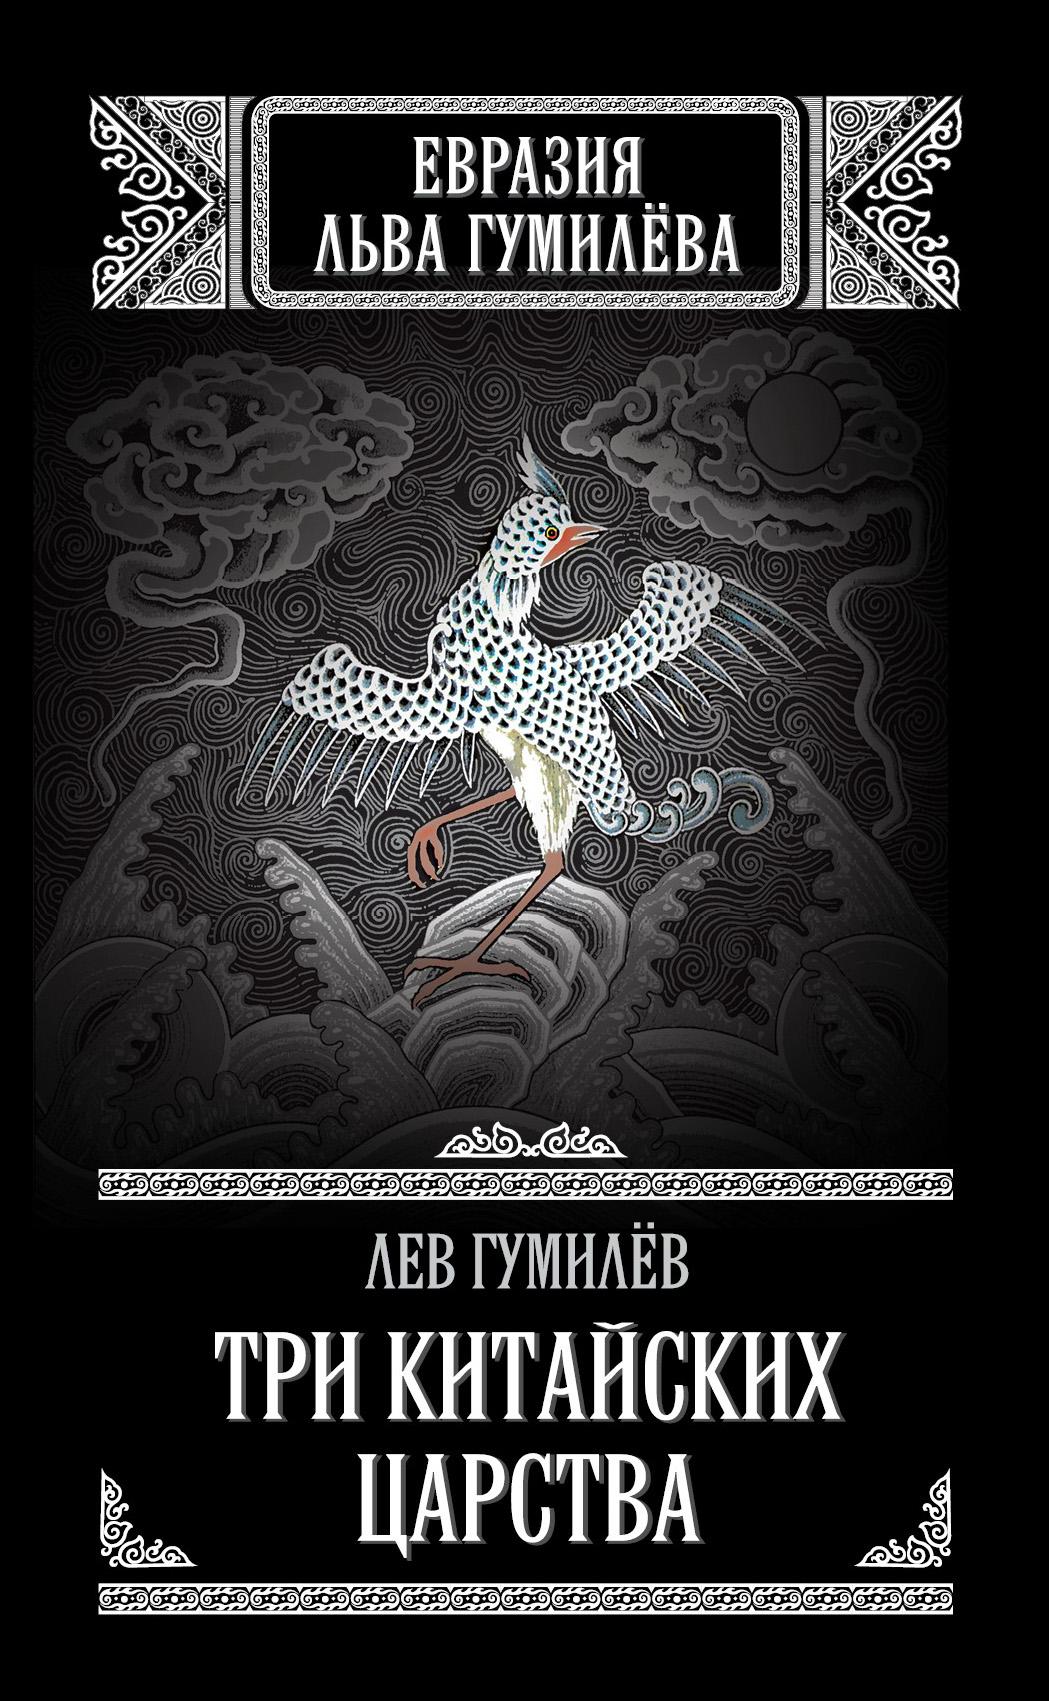 Лев Гумилев Три китайских царства (сборник) гумилев л поиски вымышленного царства